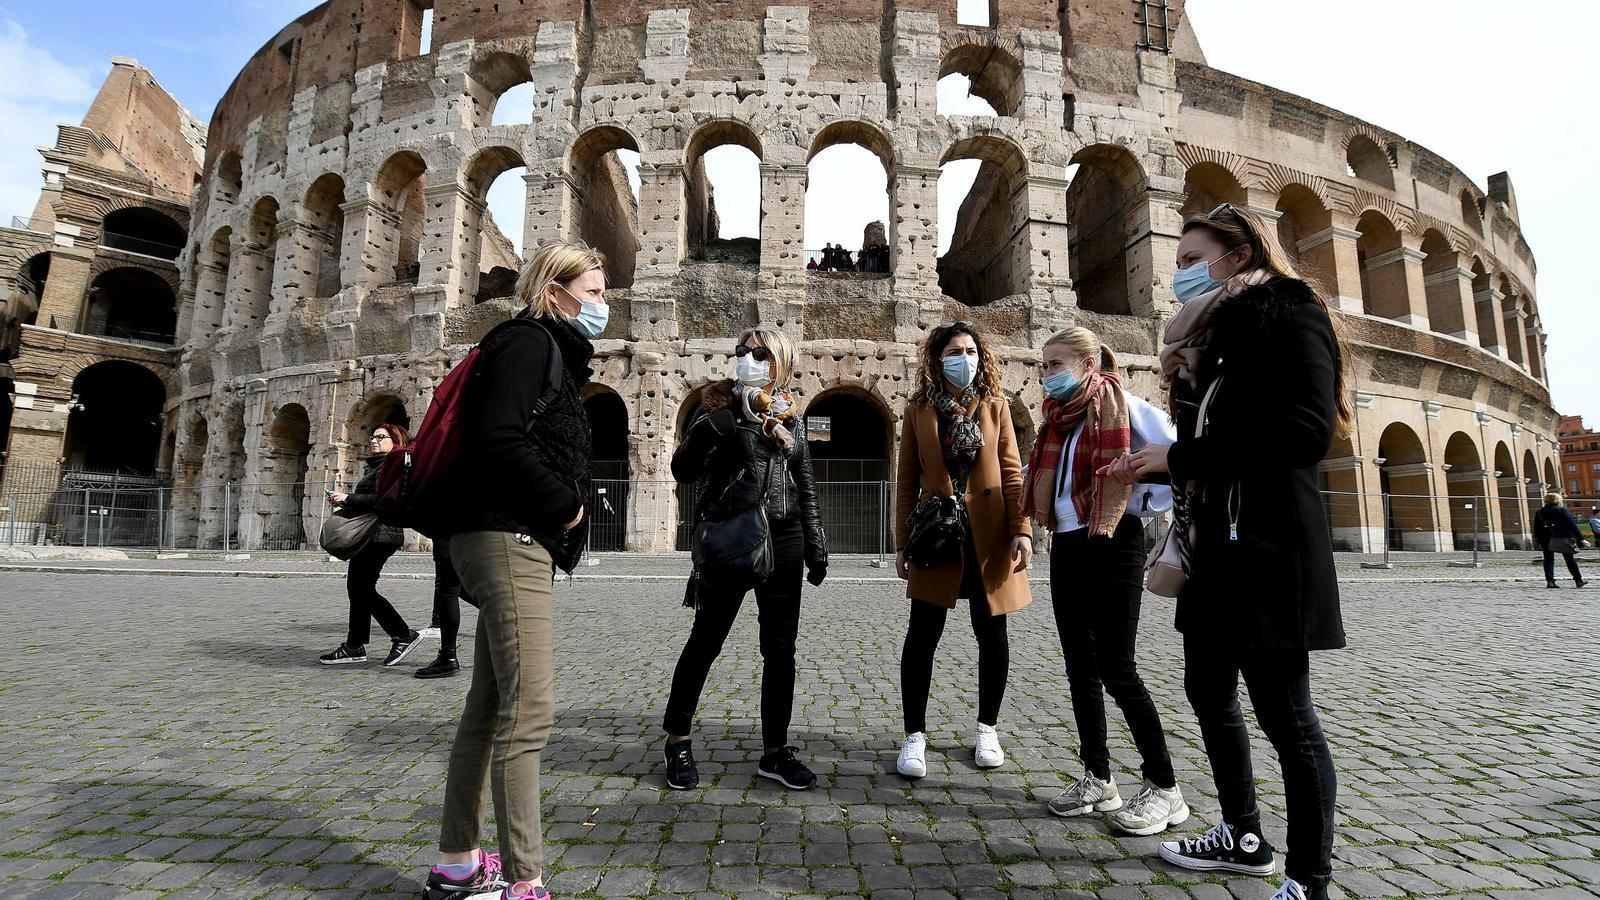 Joves amb mascareta davant del Coliseu de Roma